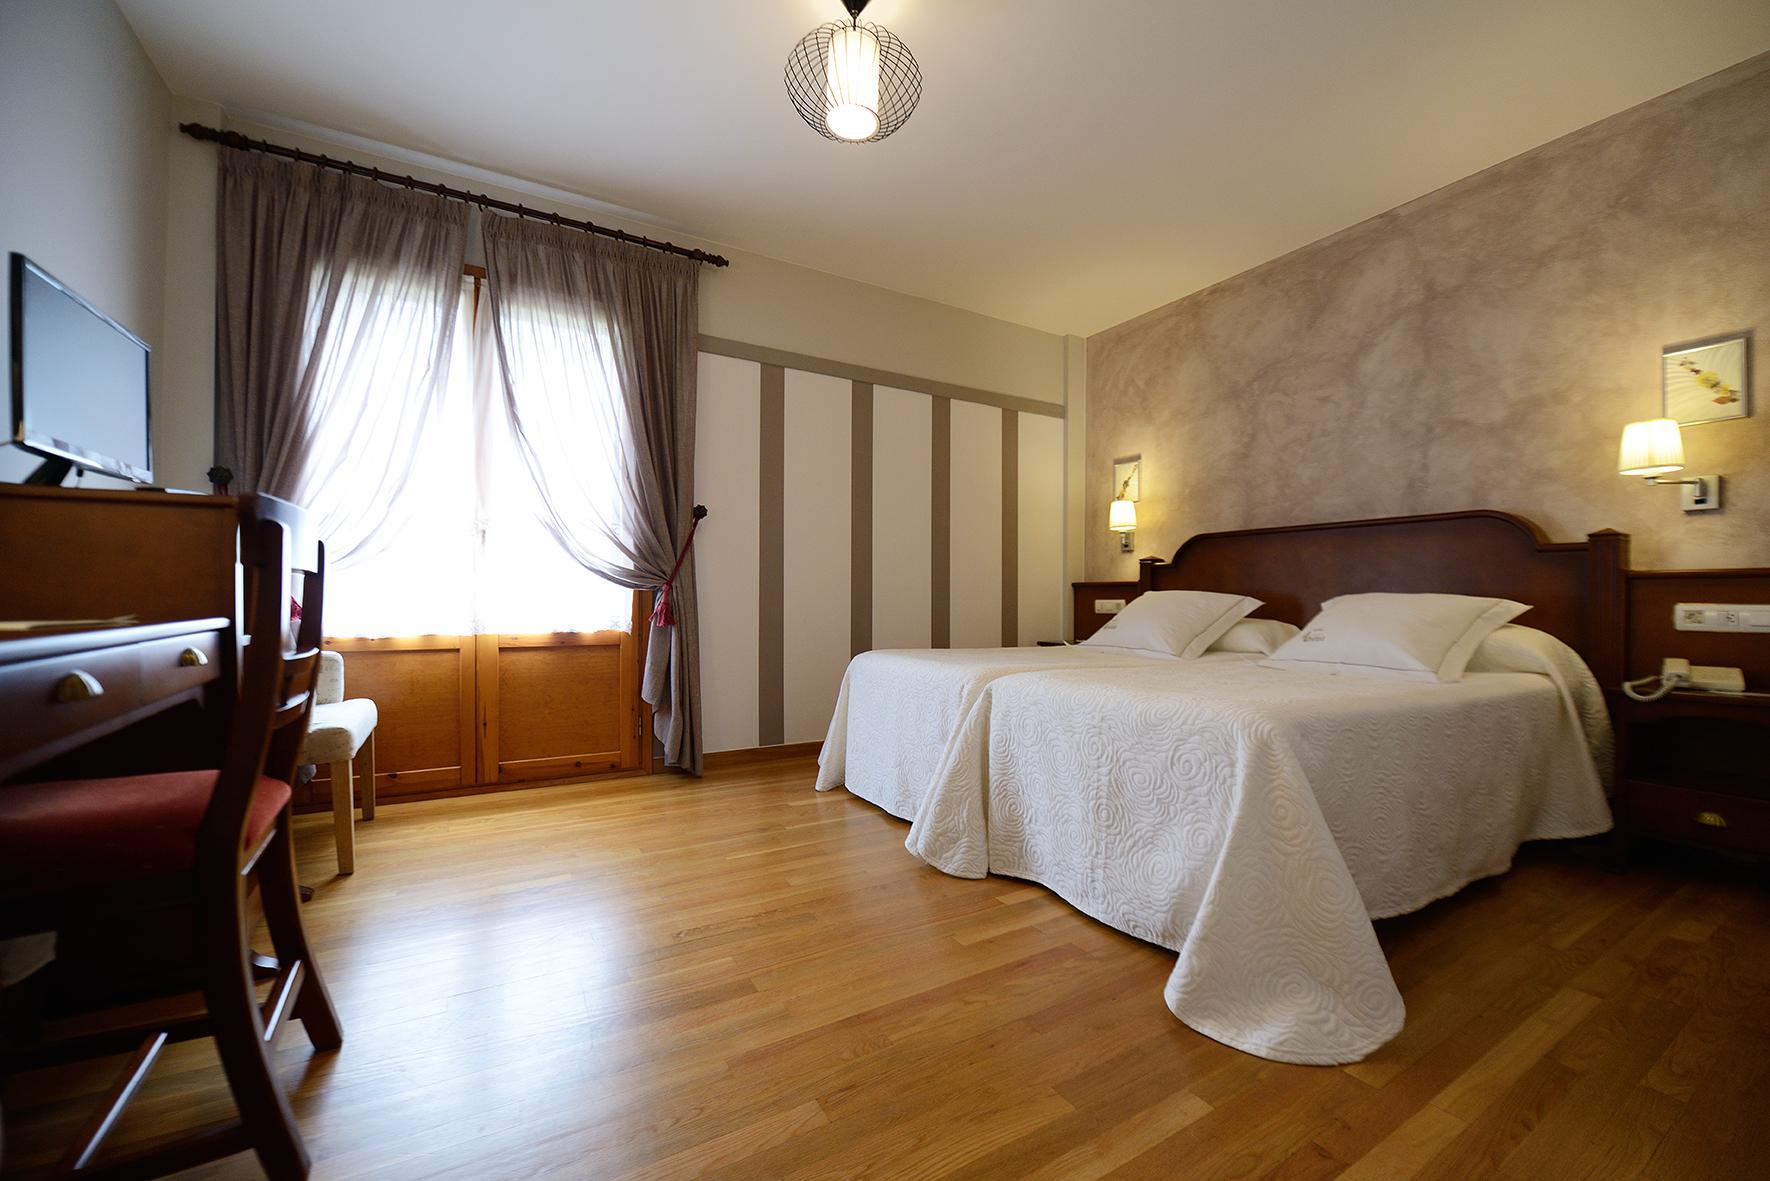 http://hotelabetos.es/wp-content/uploads/2016/07/DSC_2273-2.jpg